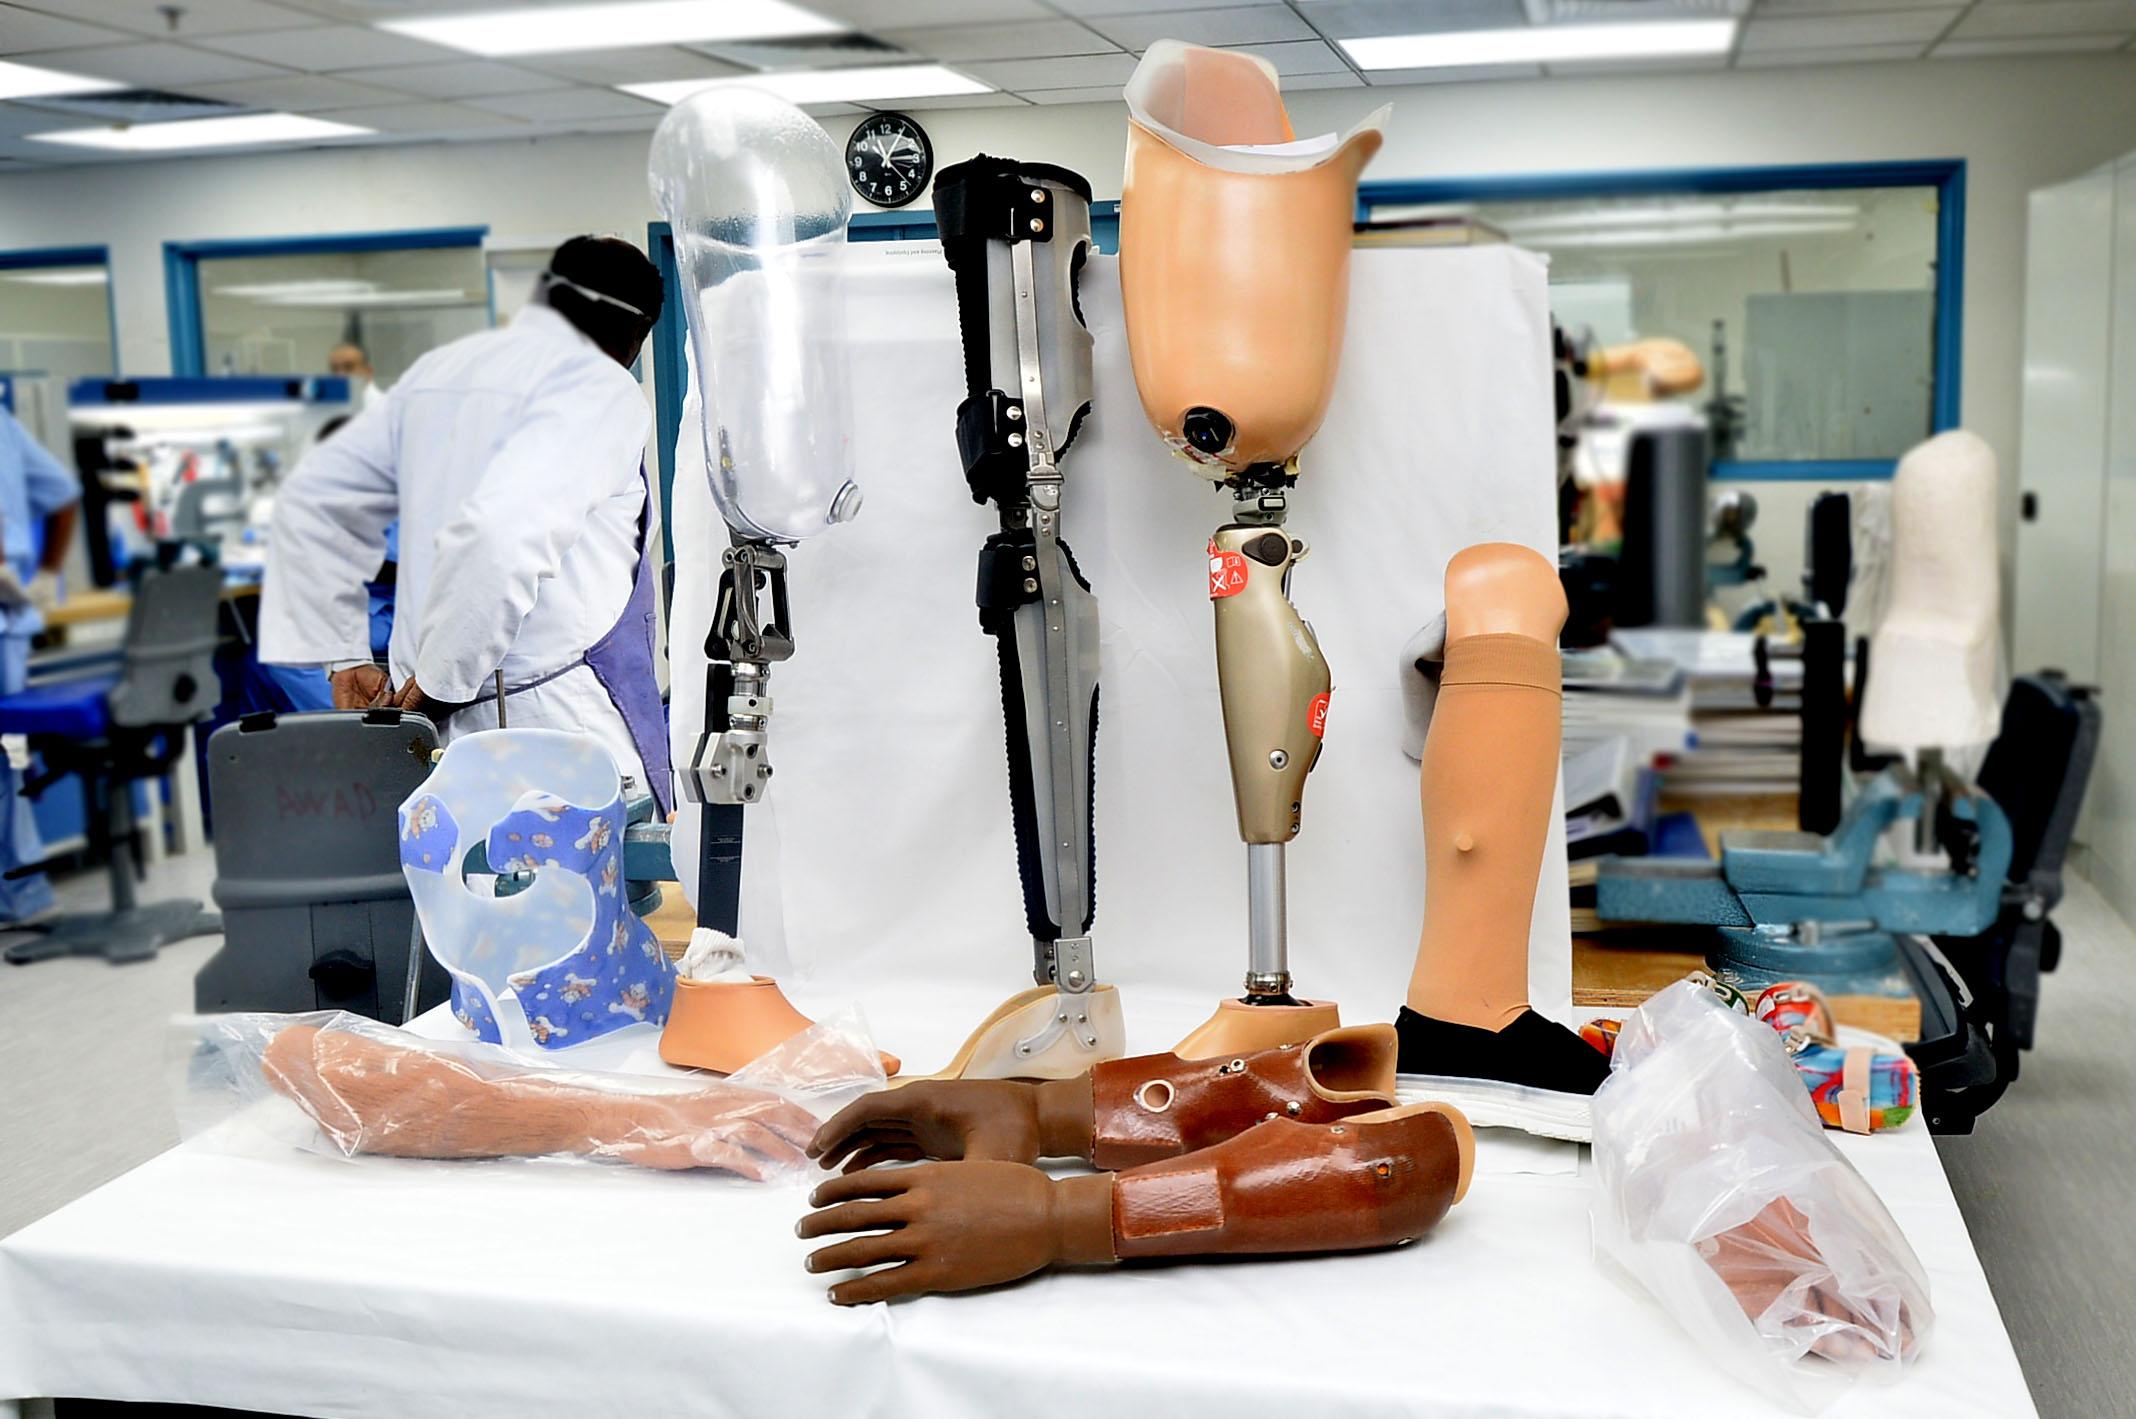 محلات بيع اجهزة العلاج الطبيعي